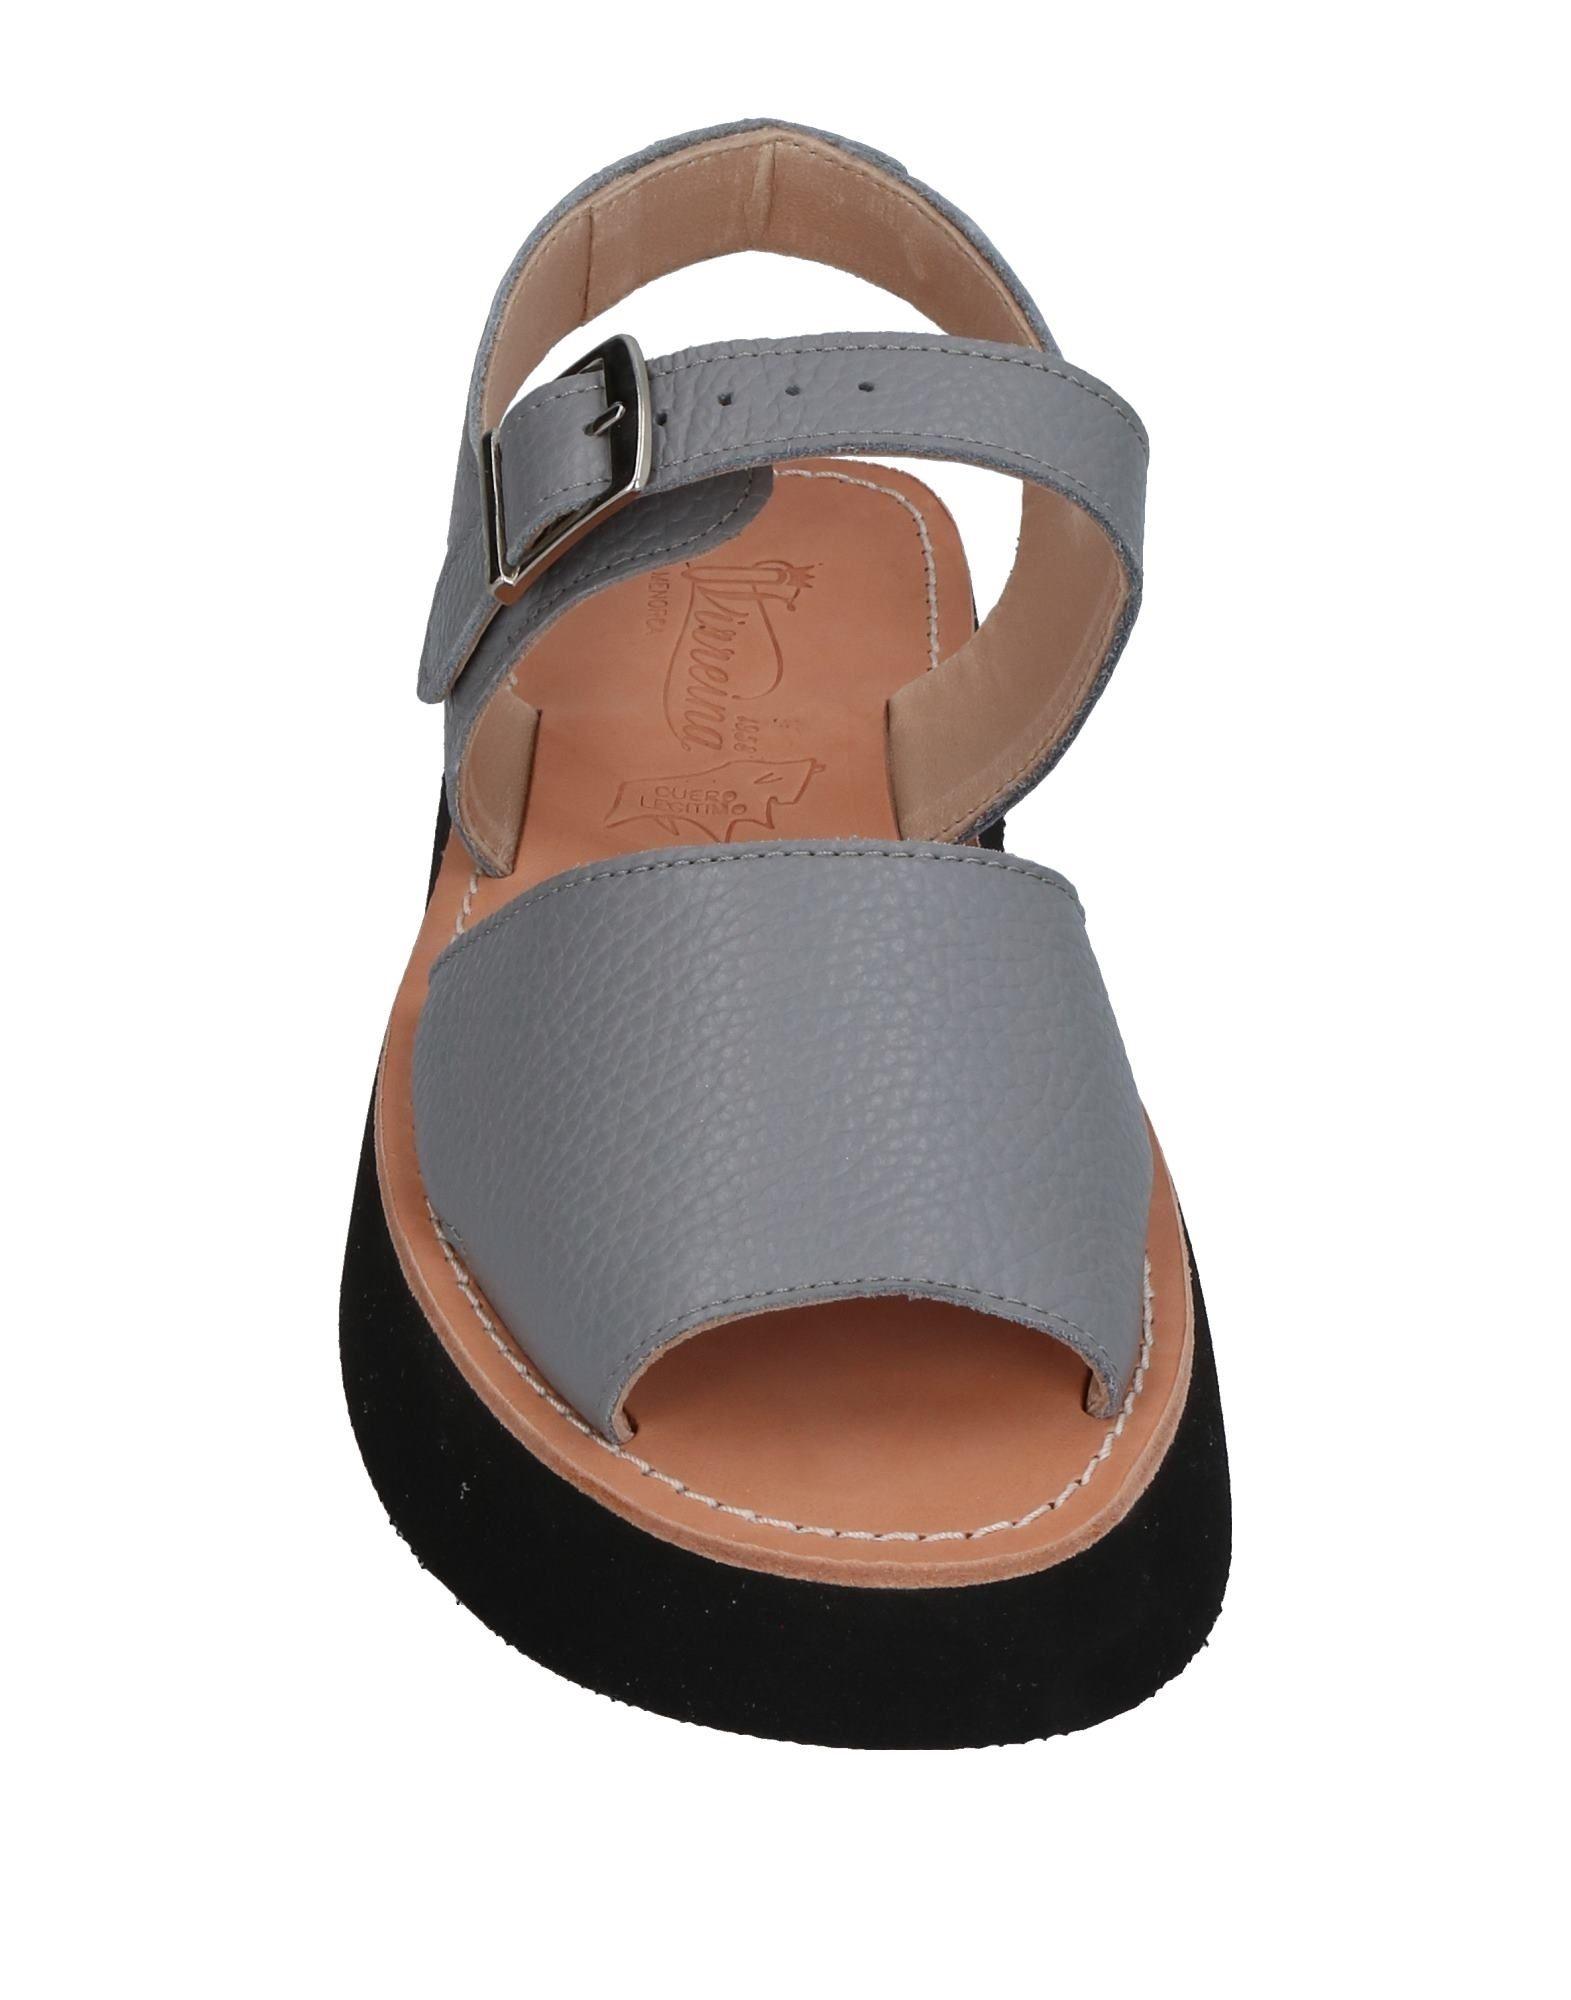 Virreina Sandalen Gute Damen  11383323MB Gute Sandalen Qualität beliebte Schuhe c335ad